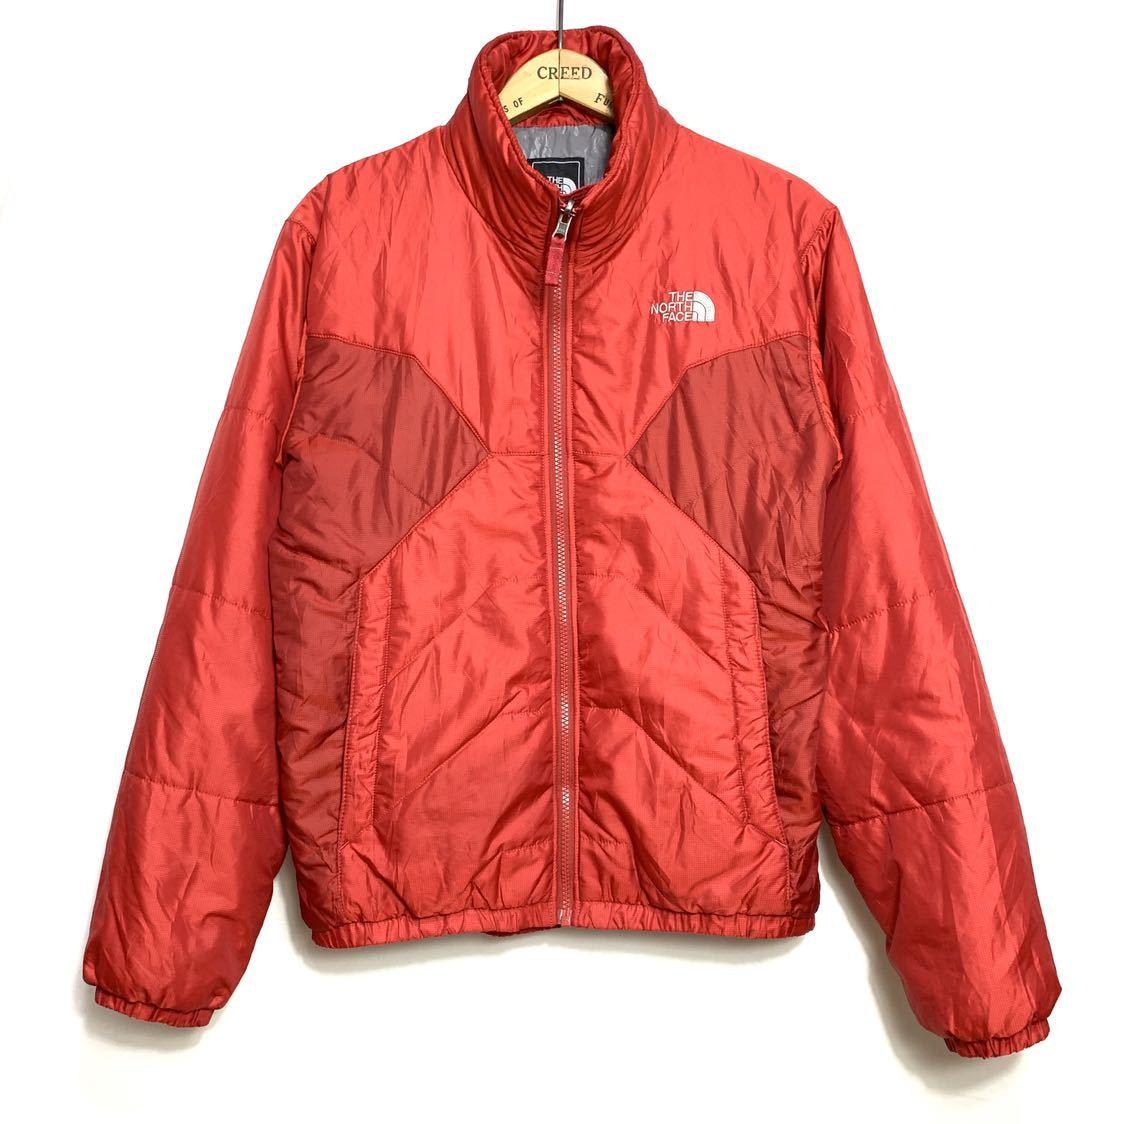 ■THE NORTH FACEノースフェイスナイロン中綿ジャケットサイズS赤レッド古着アウトドア■_画像1